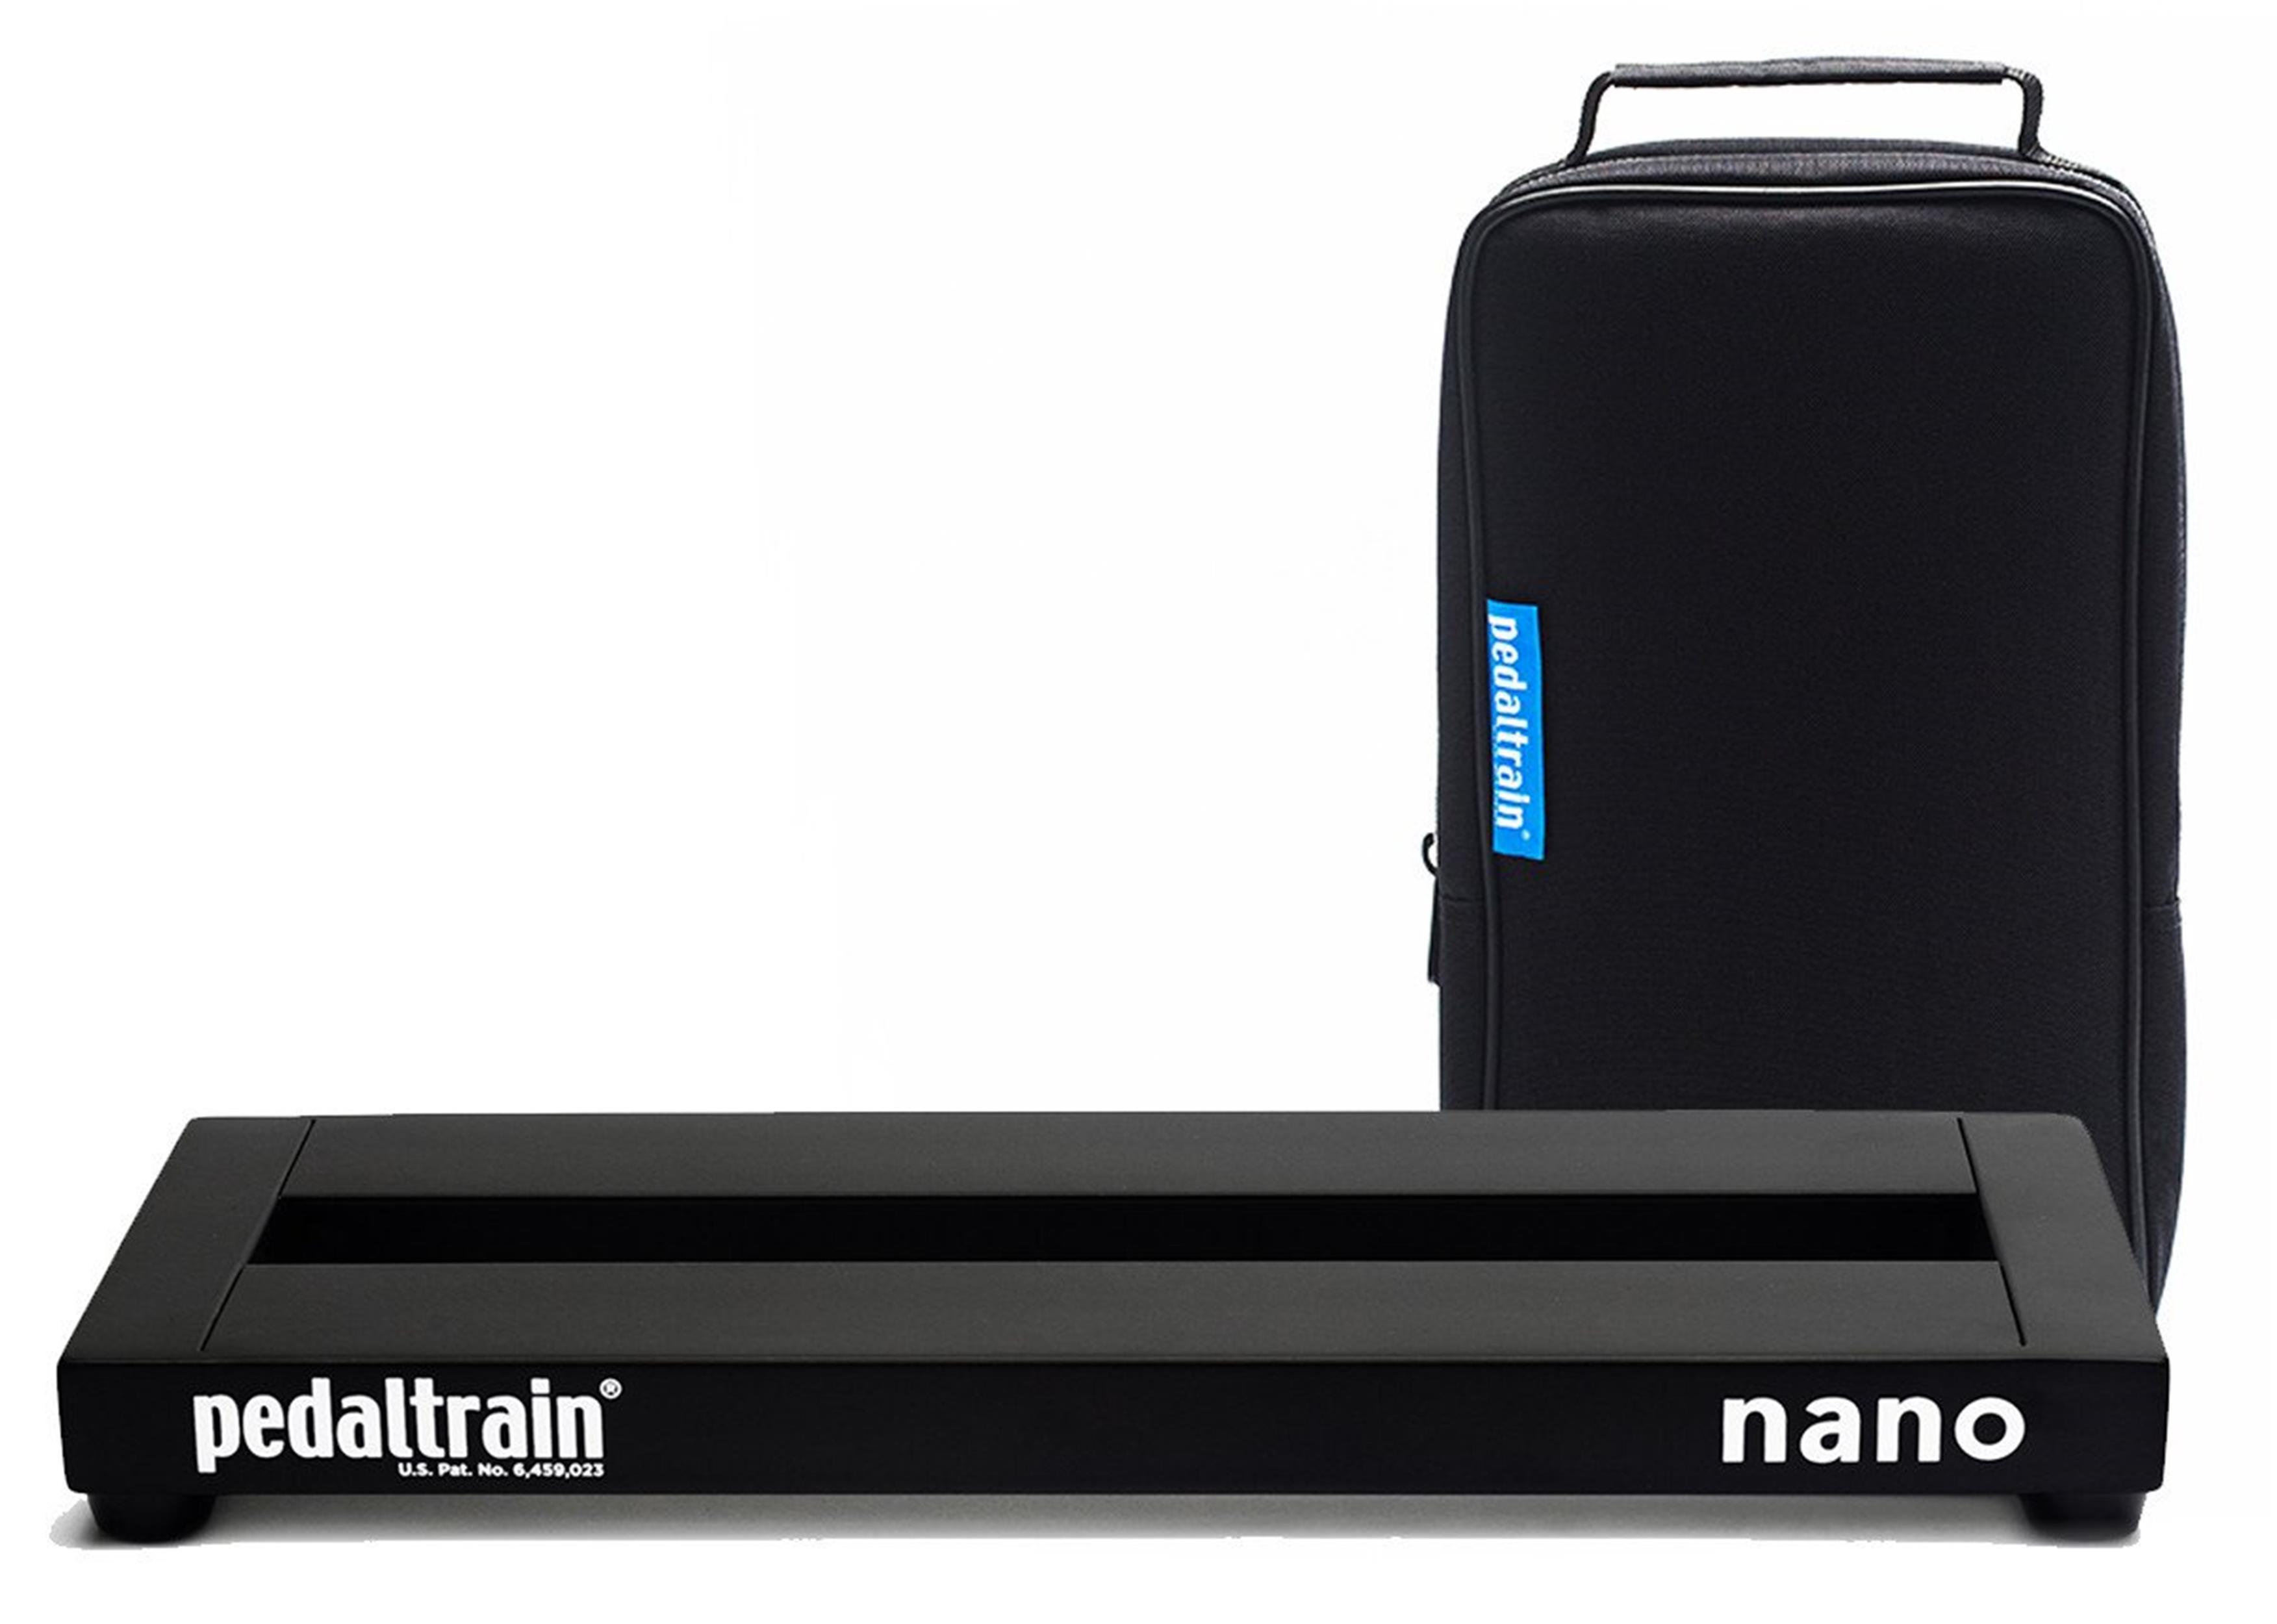 PEDALTRAIN-NANO-PEDAL-TRAIN-SOFT-CASE-pt-nano-sc-pedal-board-sku-8618